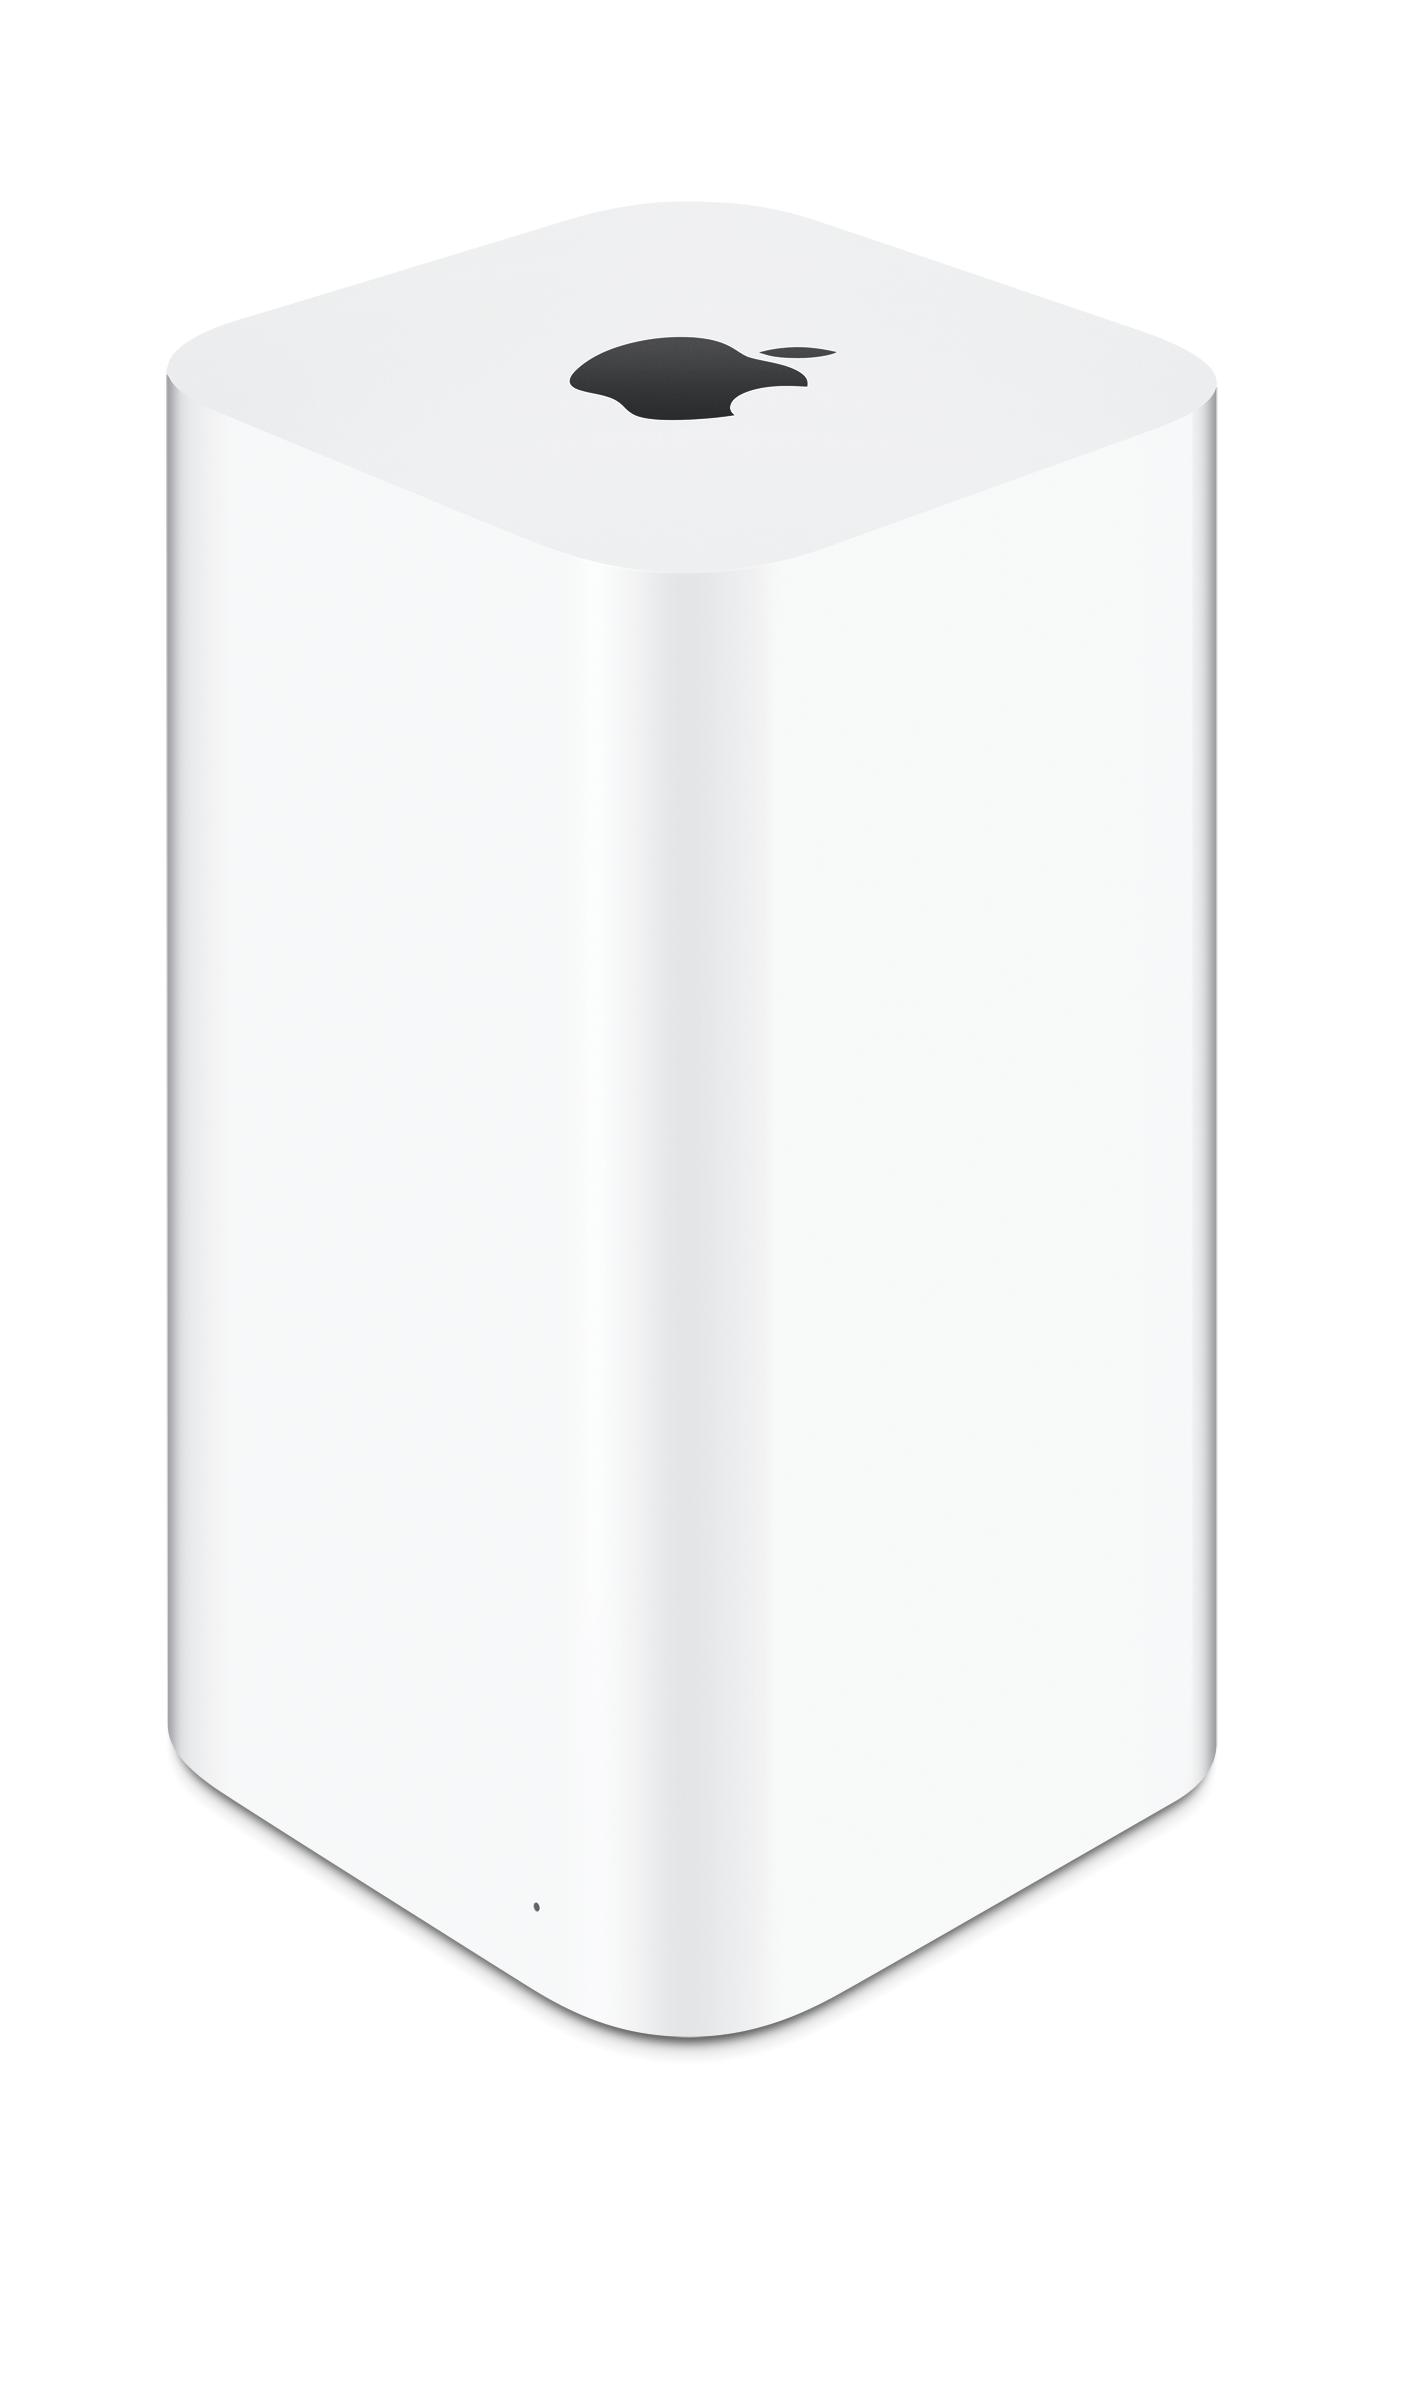 ac-WLAN: 2 gegen 3 Antennen. Ist ein teurer Router besser?